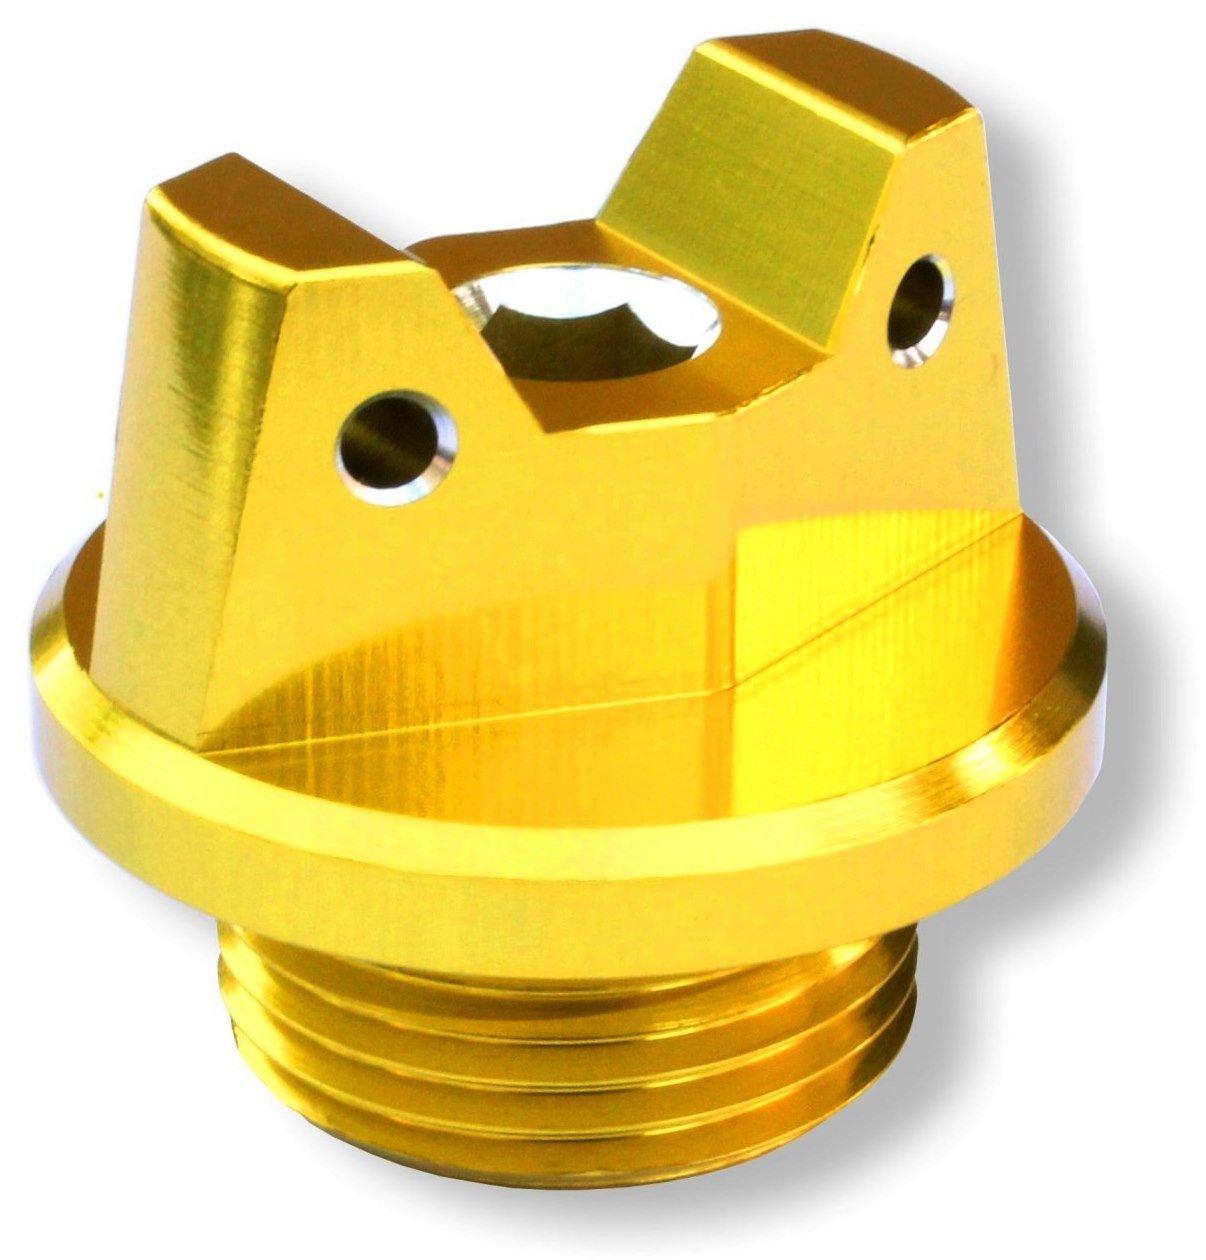 MotoSculpt Oil Fill Cap Plug (GOLD) for Suzuki GSX-R GSXR 600 750 1000 1100 1300 SV650 SV1000 TL1000